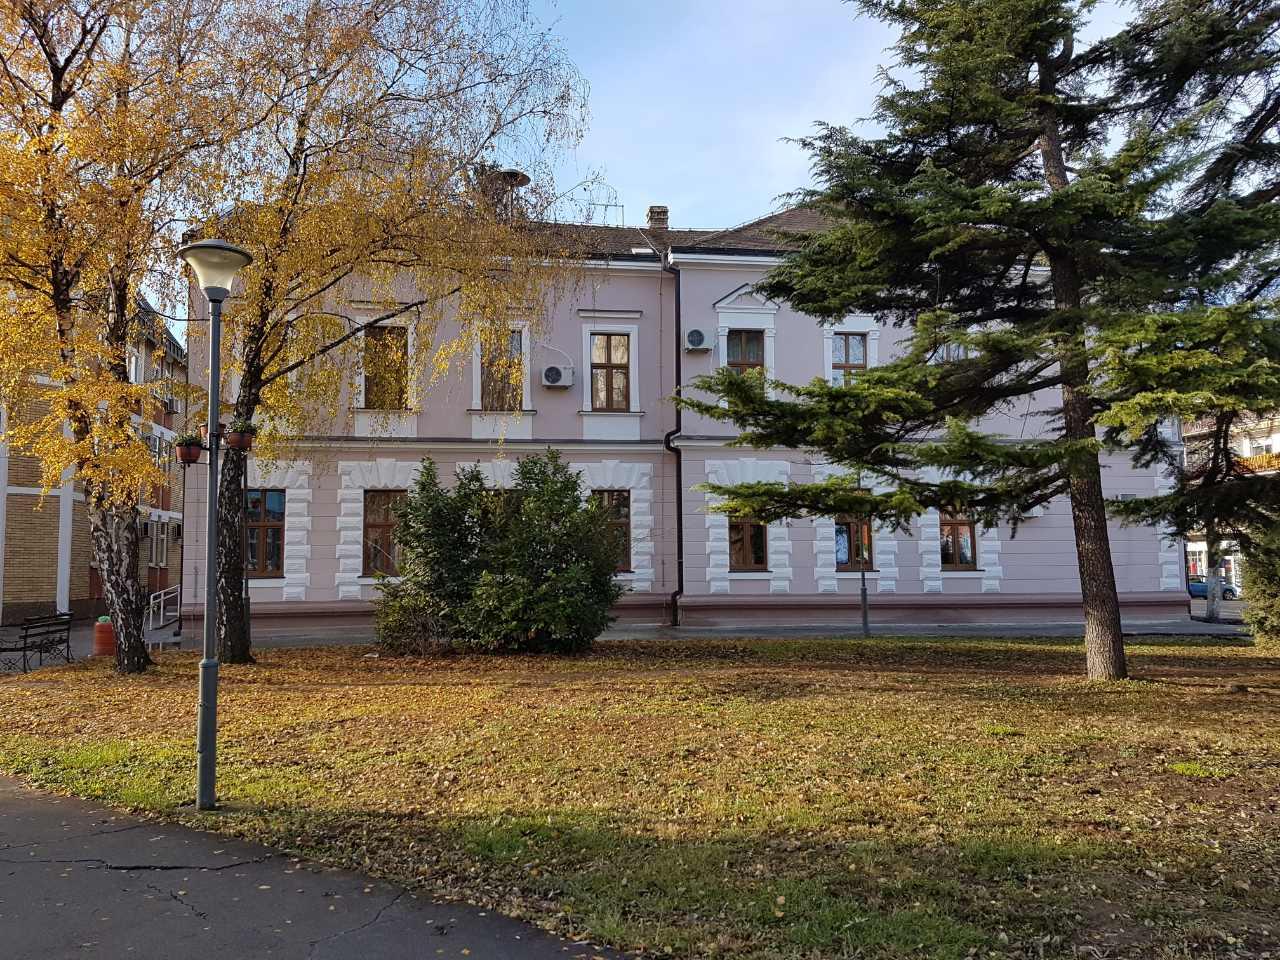 1547190822-opstina-decembar-2018